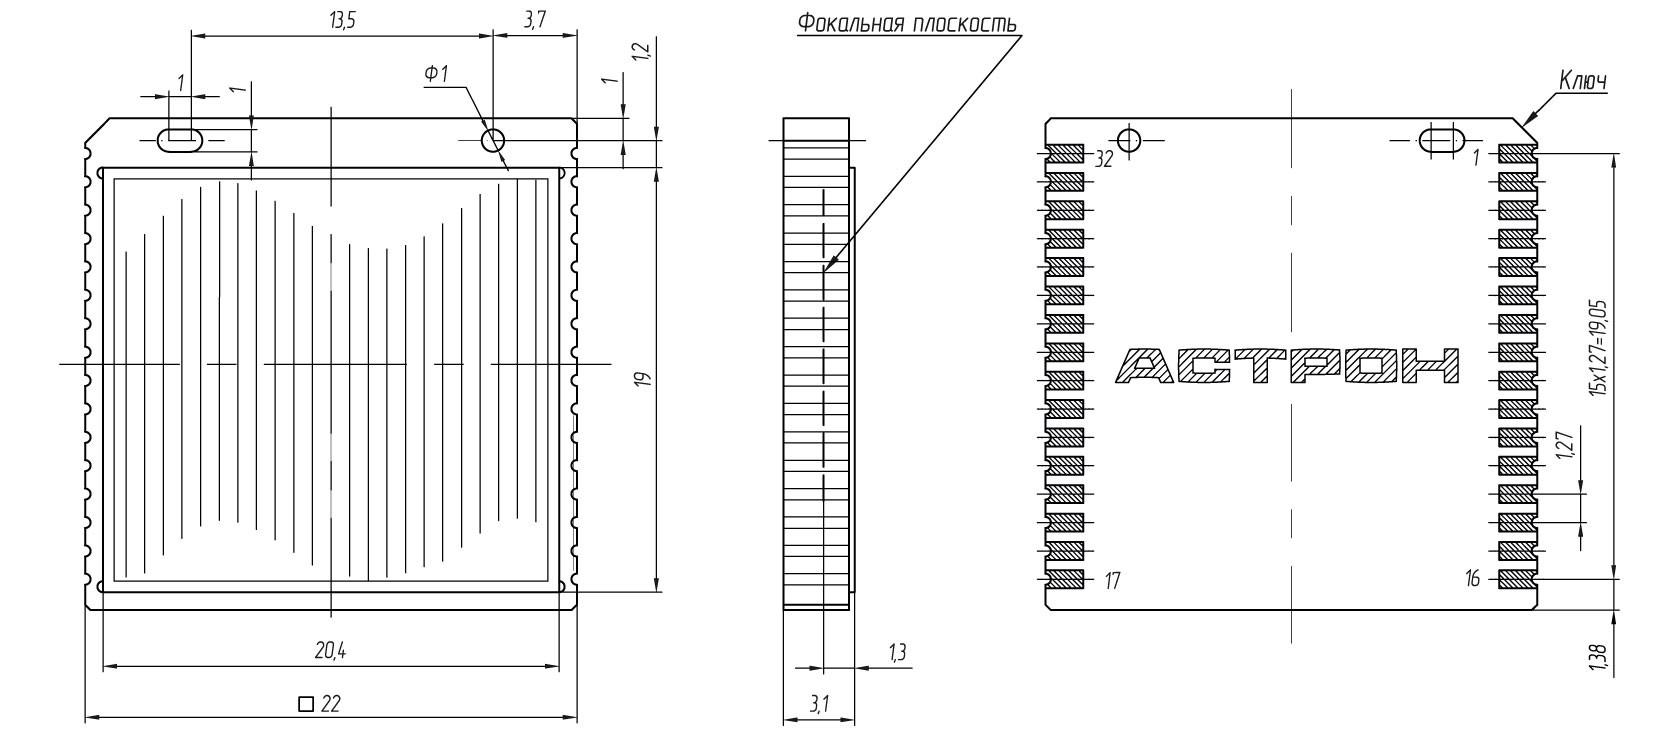 Габаритные чертежи и размеры АСТРОН-64017-2